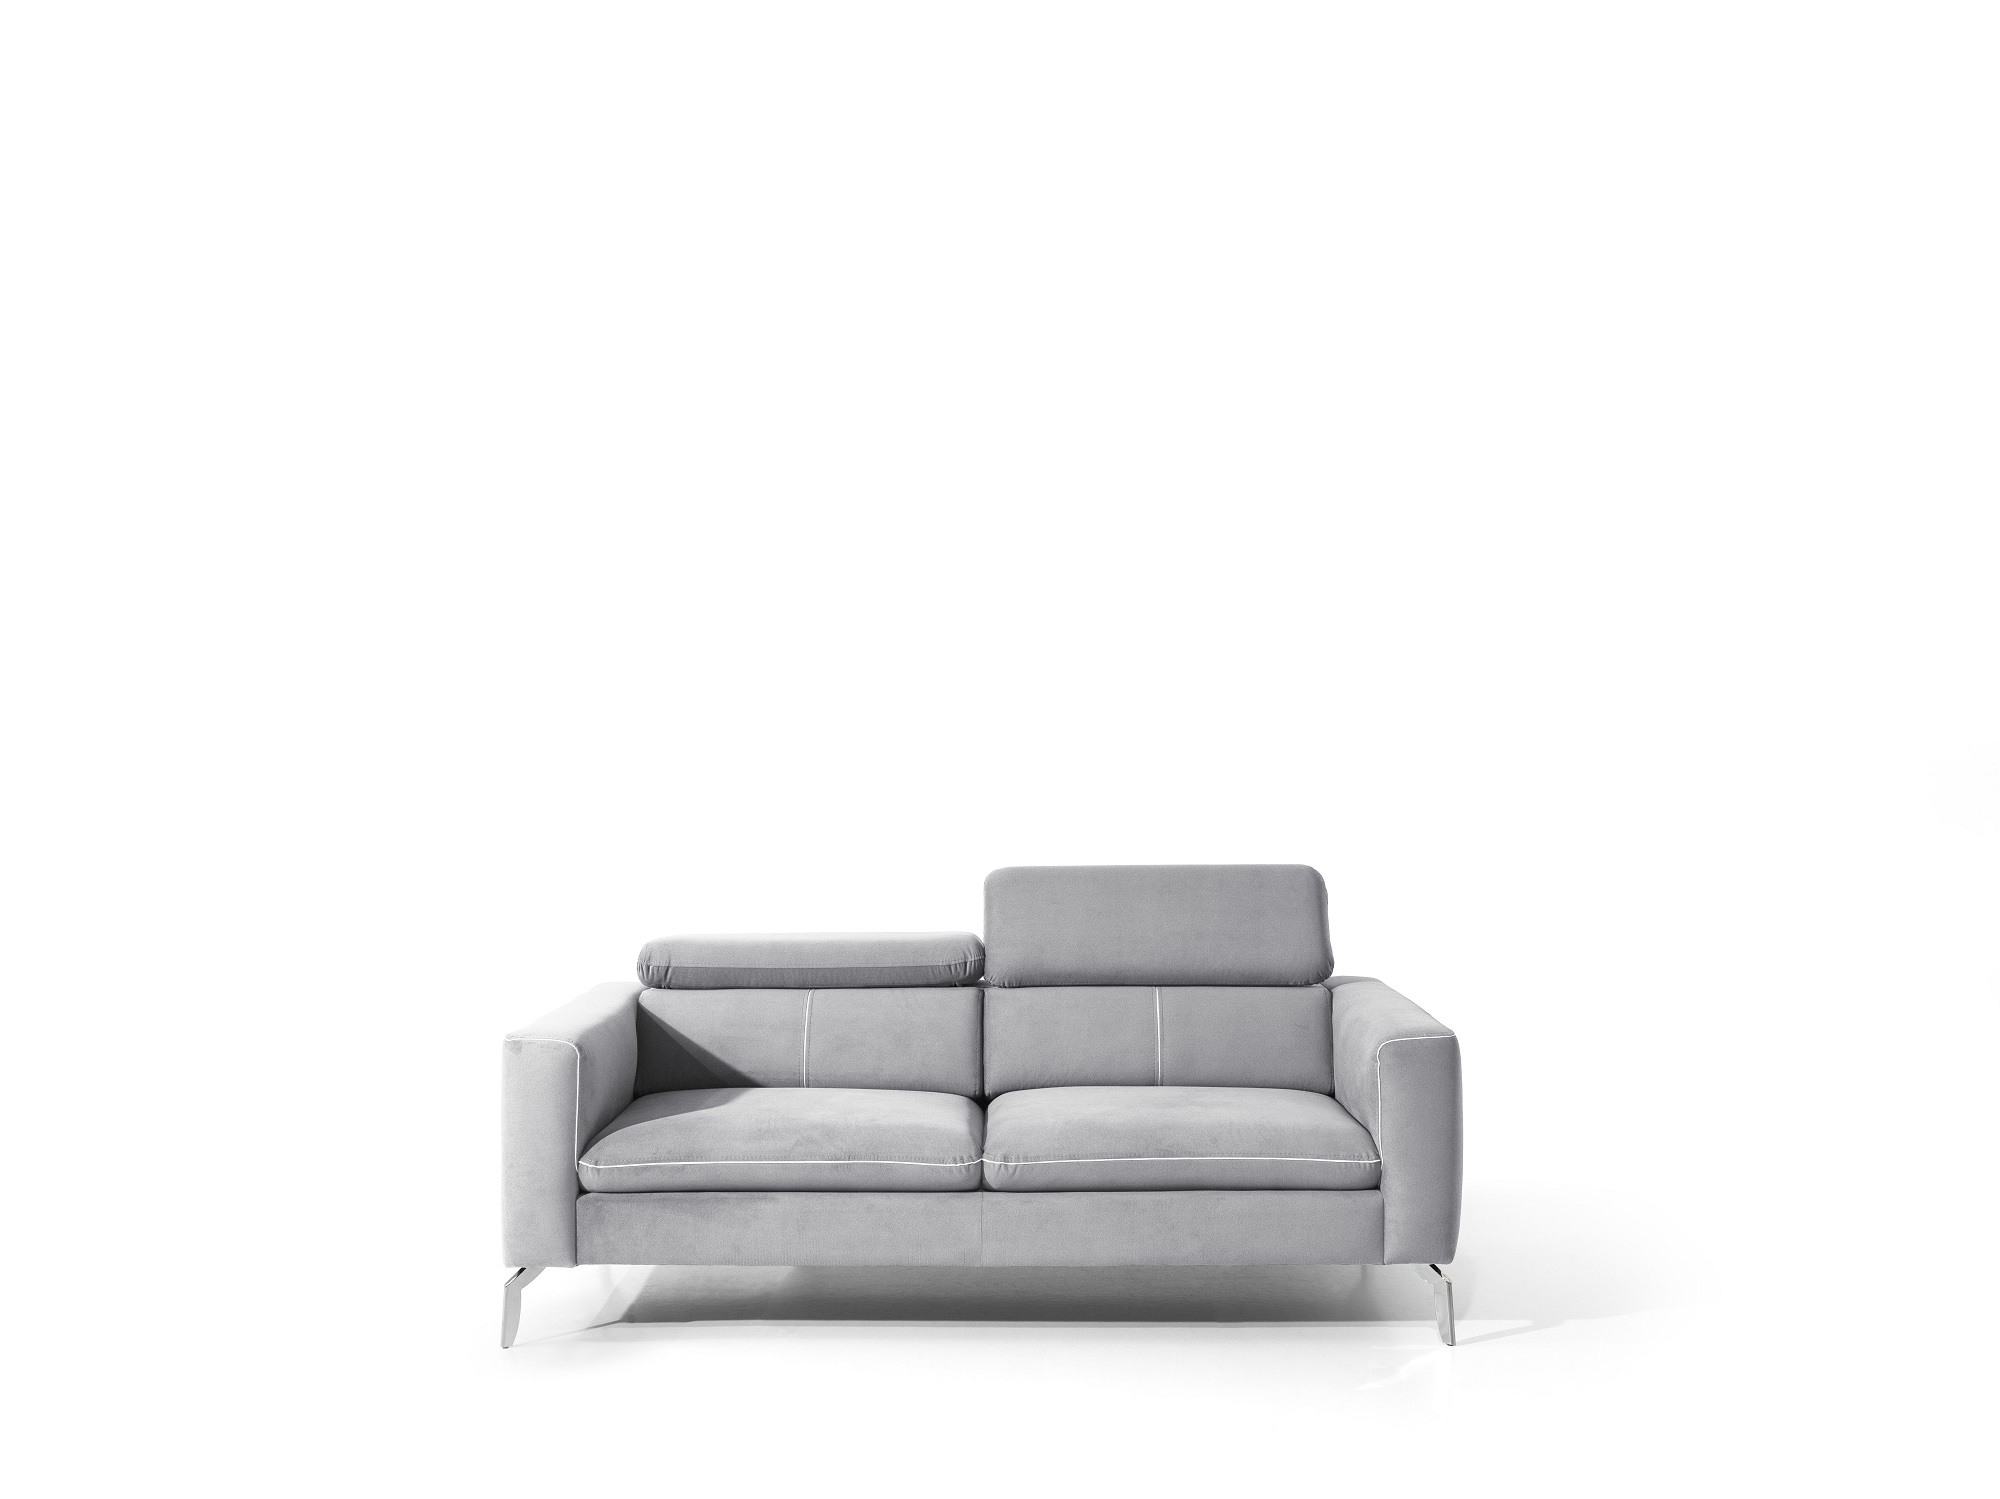 Canapea Fixa Locuri Poza